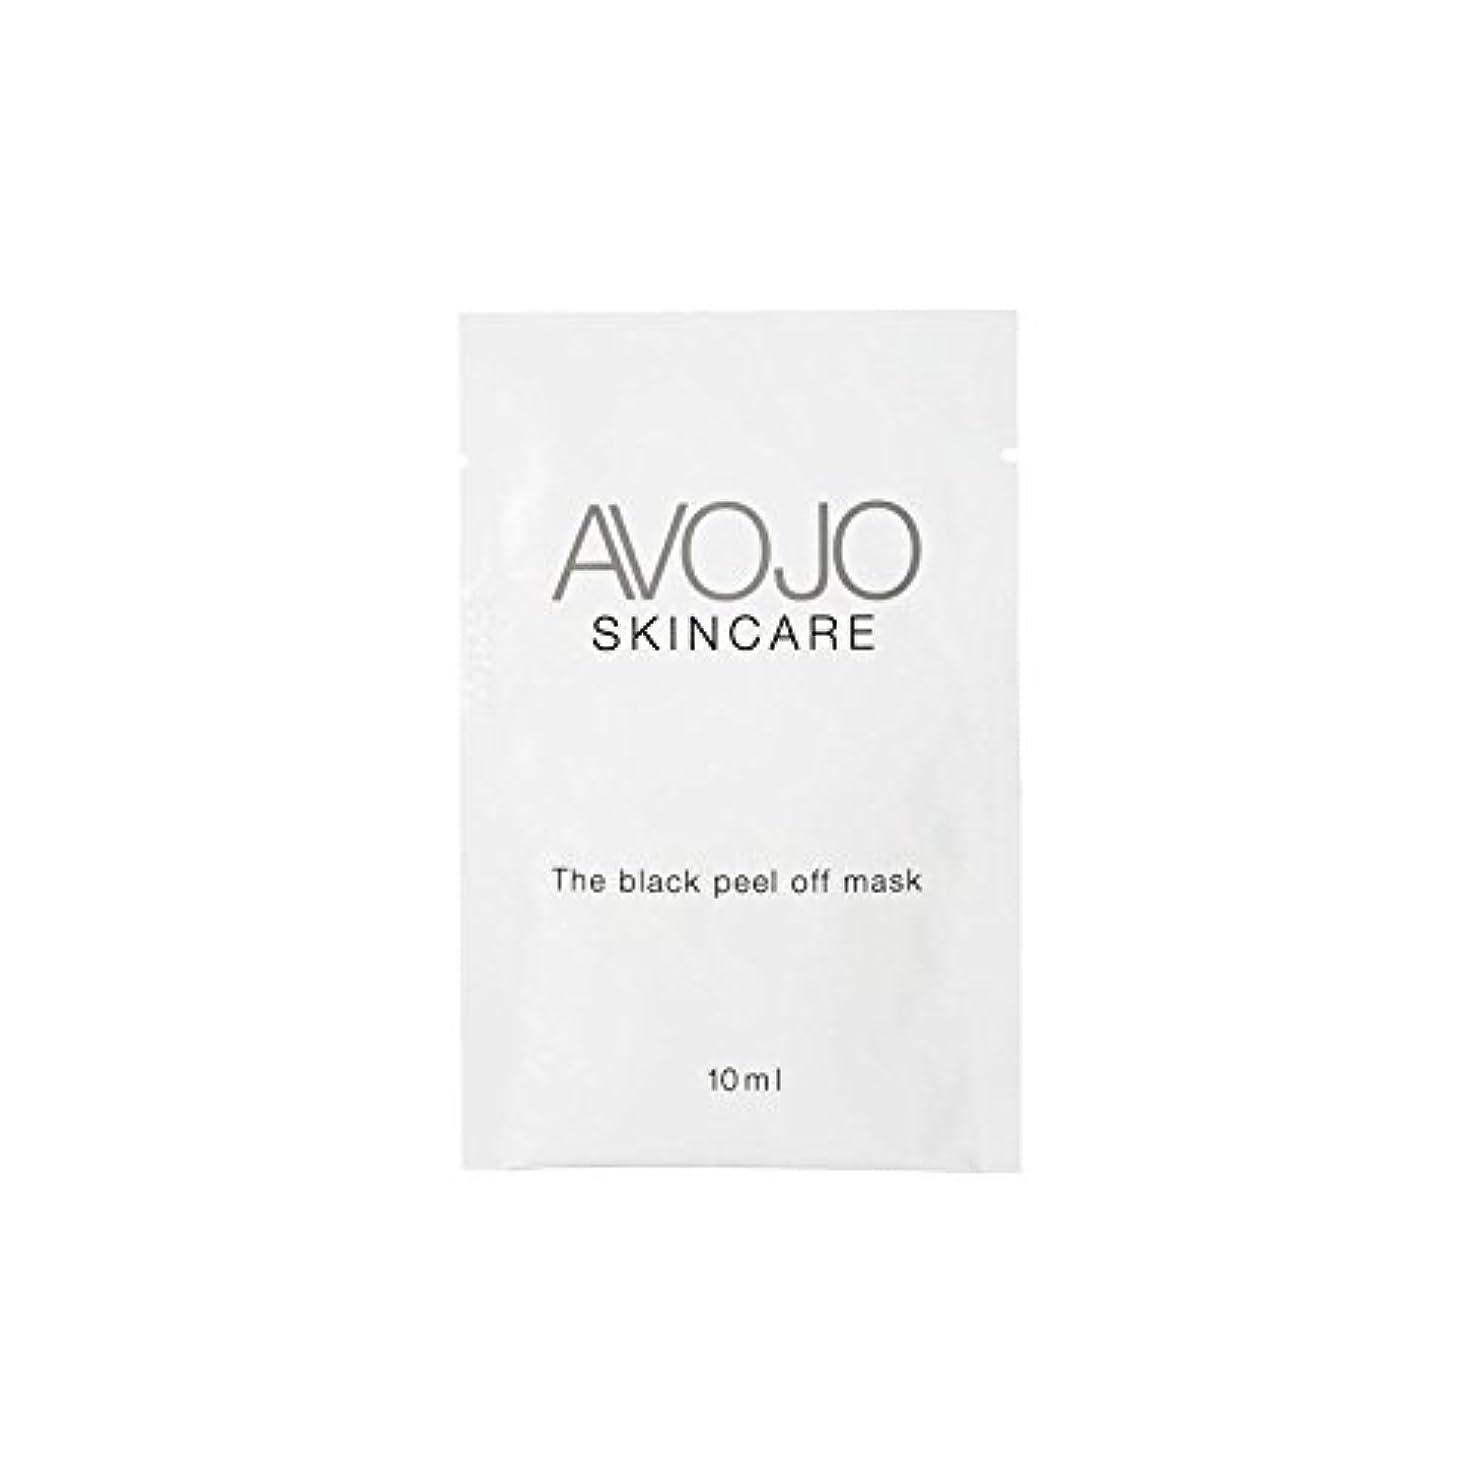 バーター繁栄する- ブラックピールオフマスク - 小袋(10ミリリットル×4) x4 - Avojo - The Black Peel Off Mask - Sachet (10ml X 4) (Pack of 4) [並行輸入品]